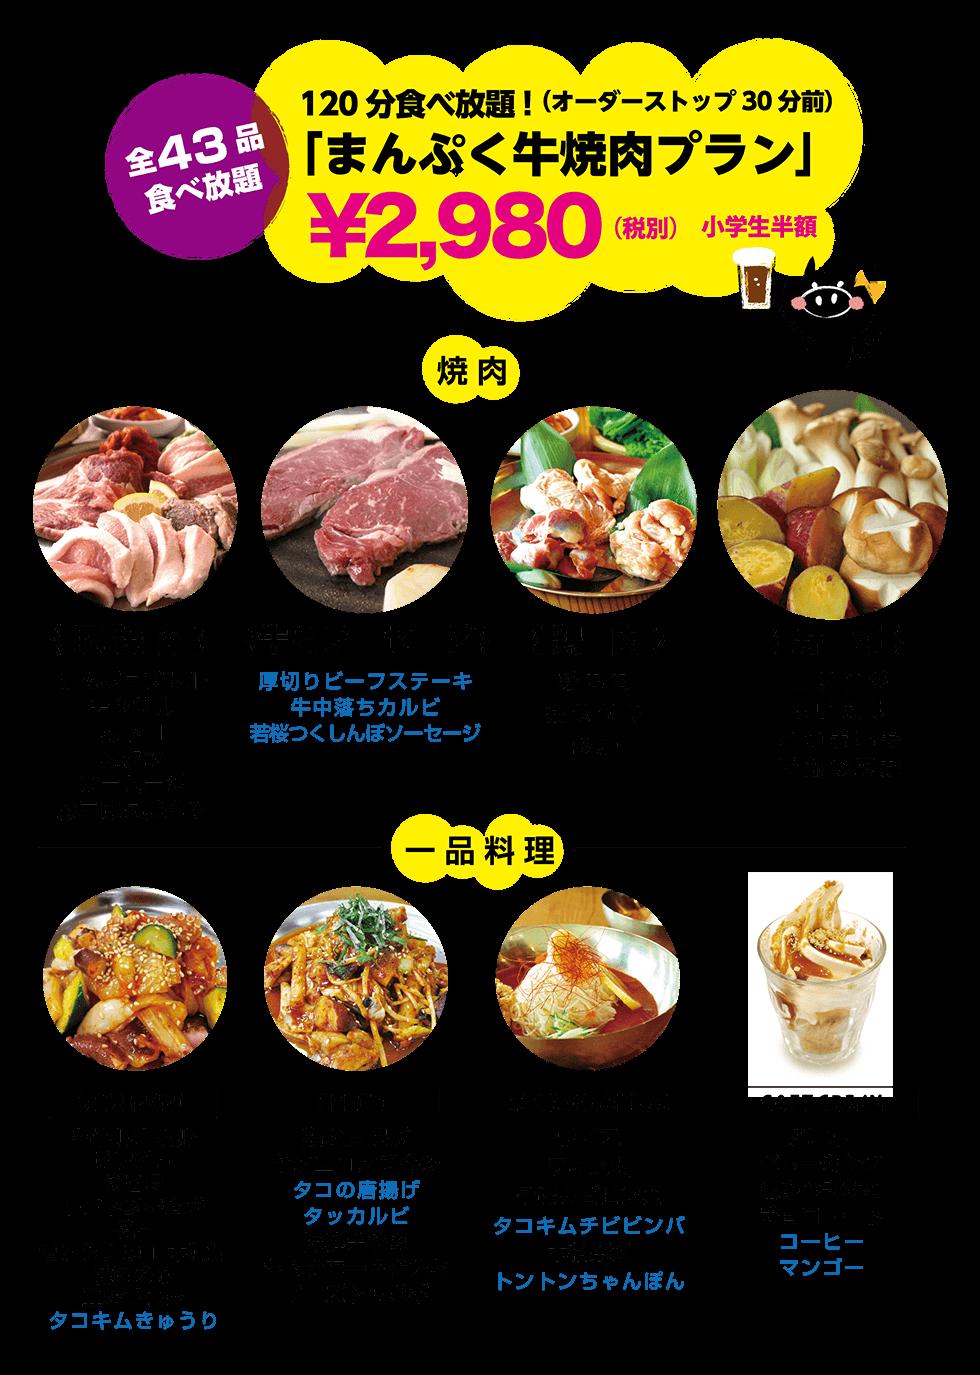 平日限定 食べ放題祭り2